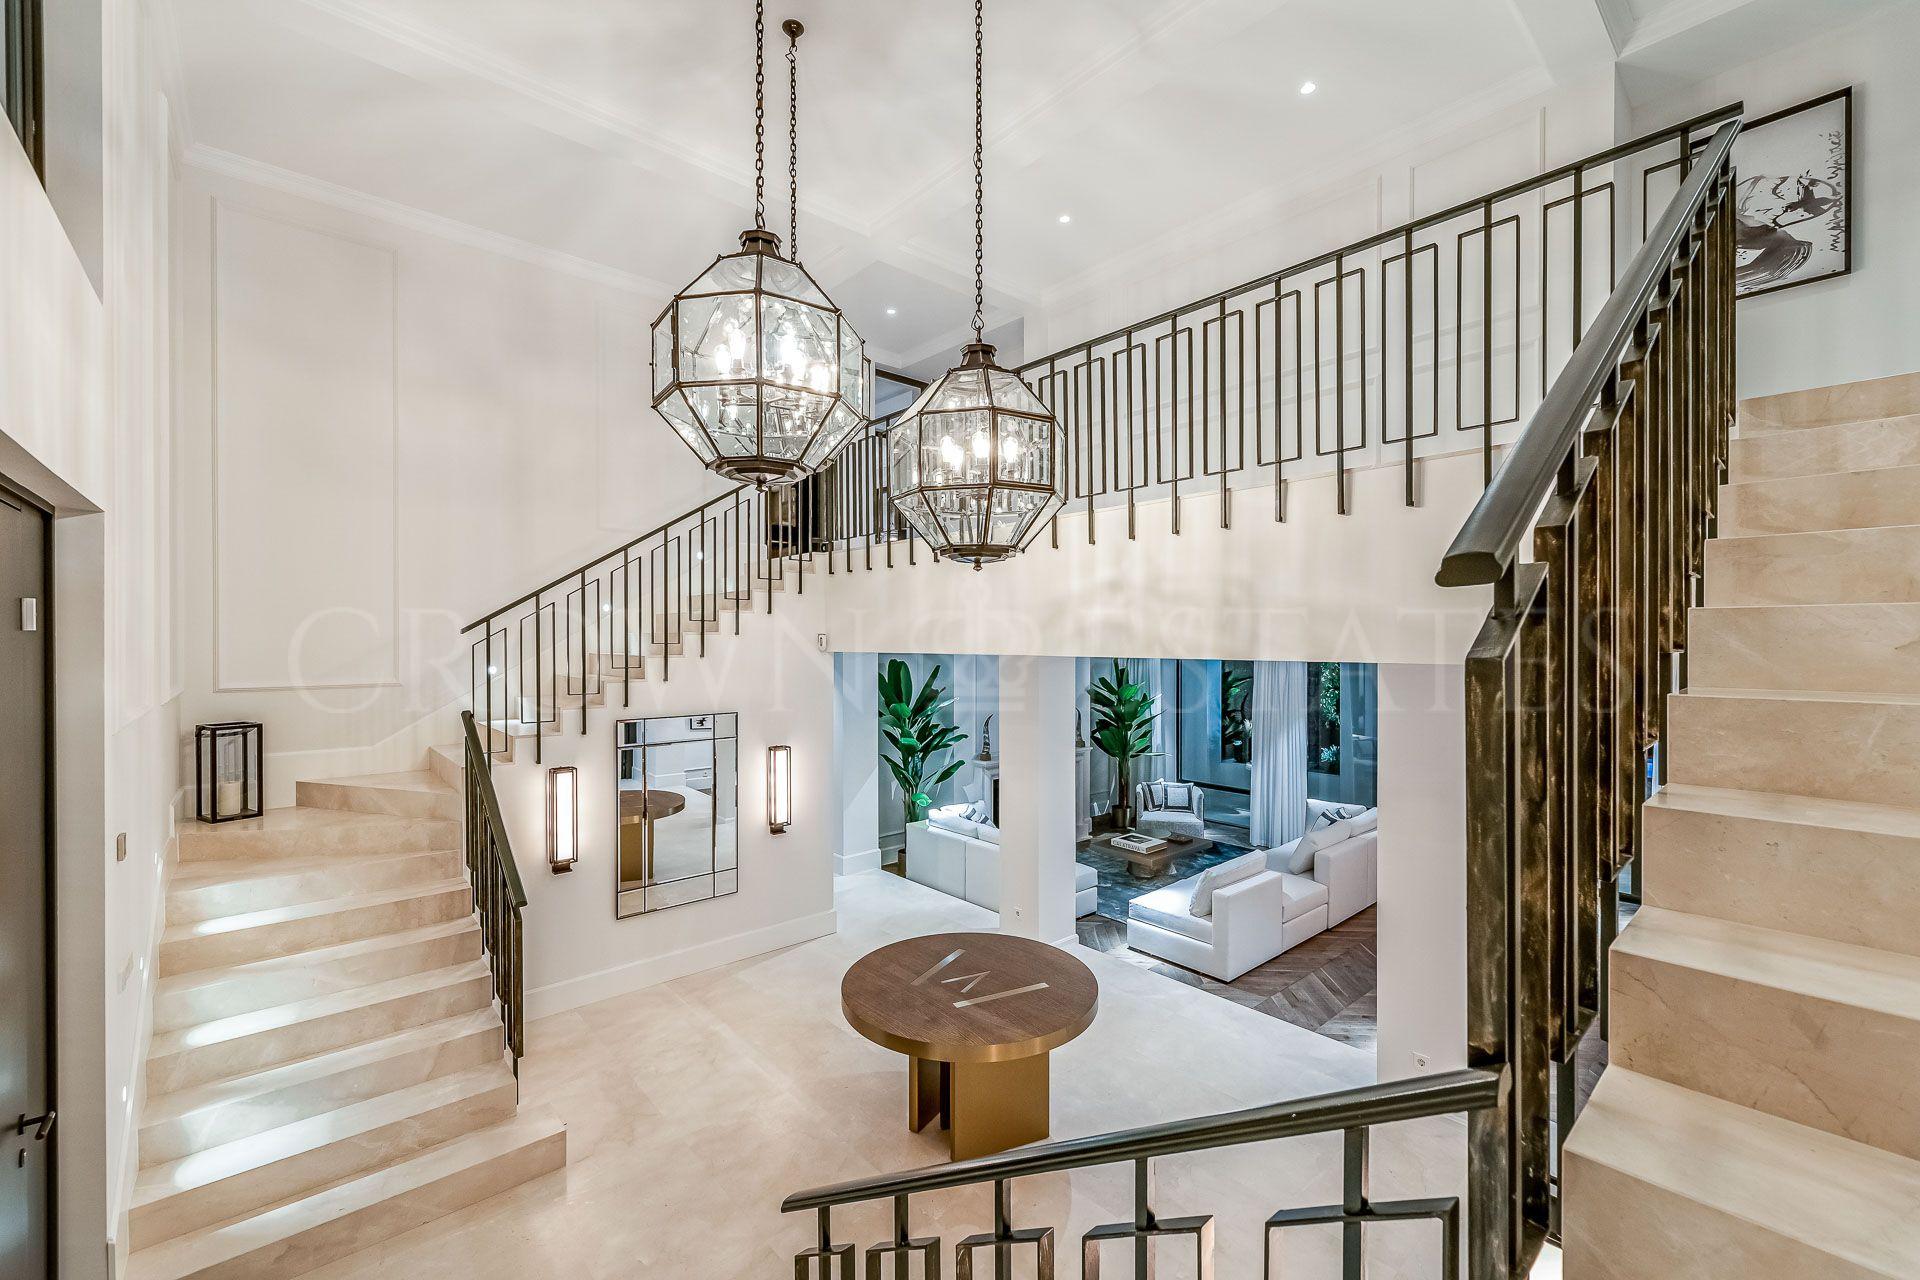 Fascinating Villa at Sierra Blanca Marbella